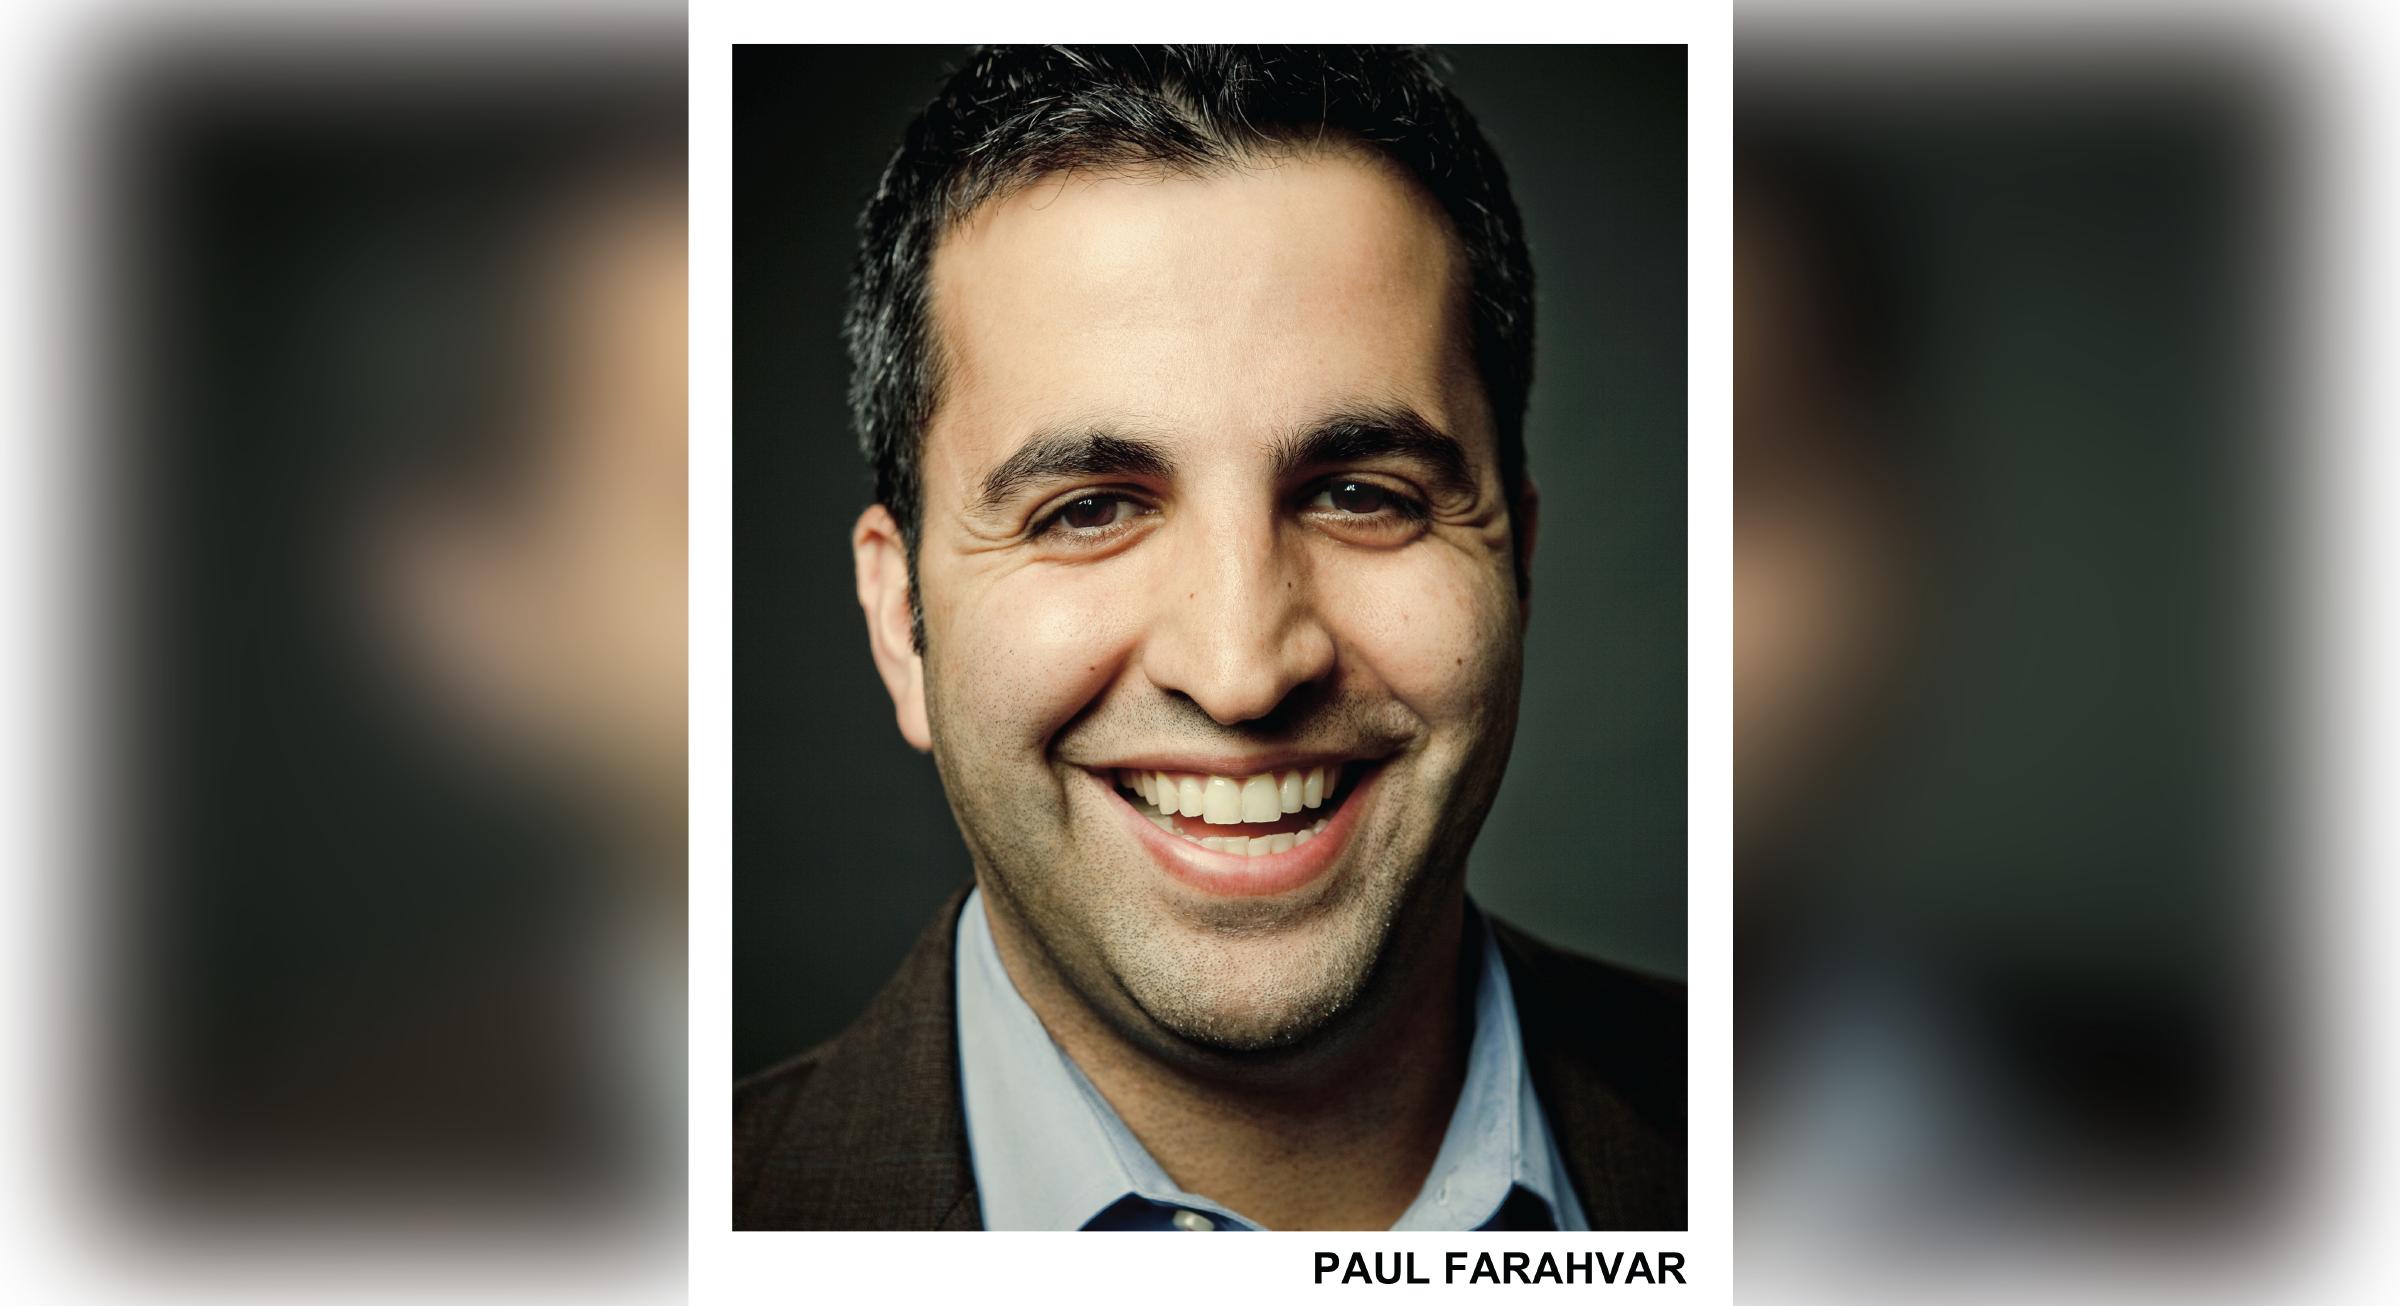 Comedian Paul Farahvar